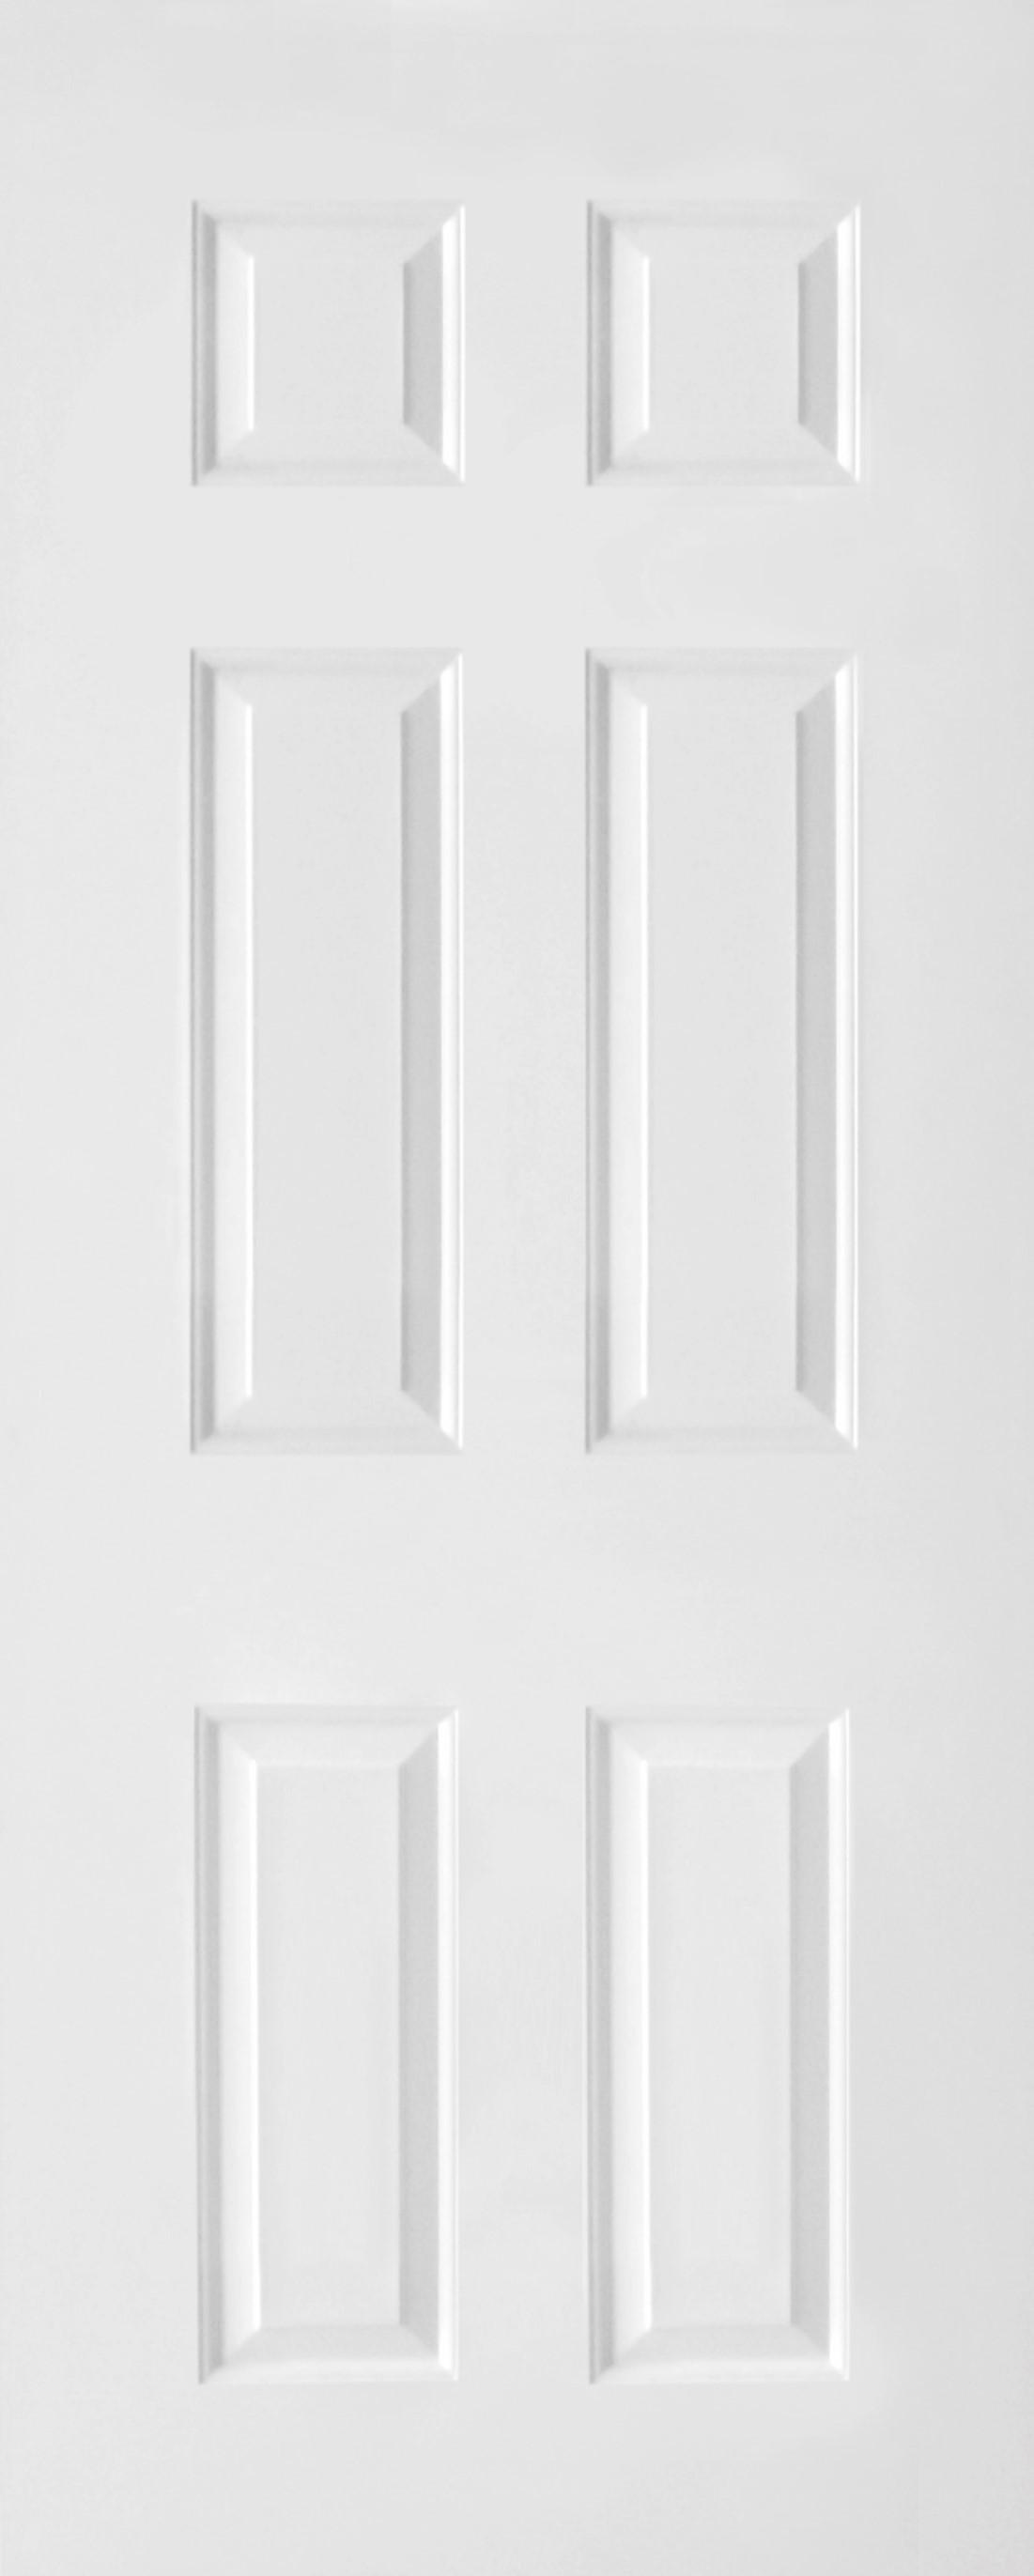 ประตูUPVC ผิวหน้าลายไม้ สีขาว บานลูกฟัก 6 ช่องตรง